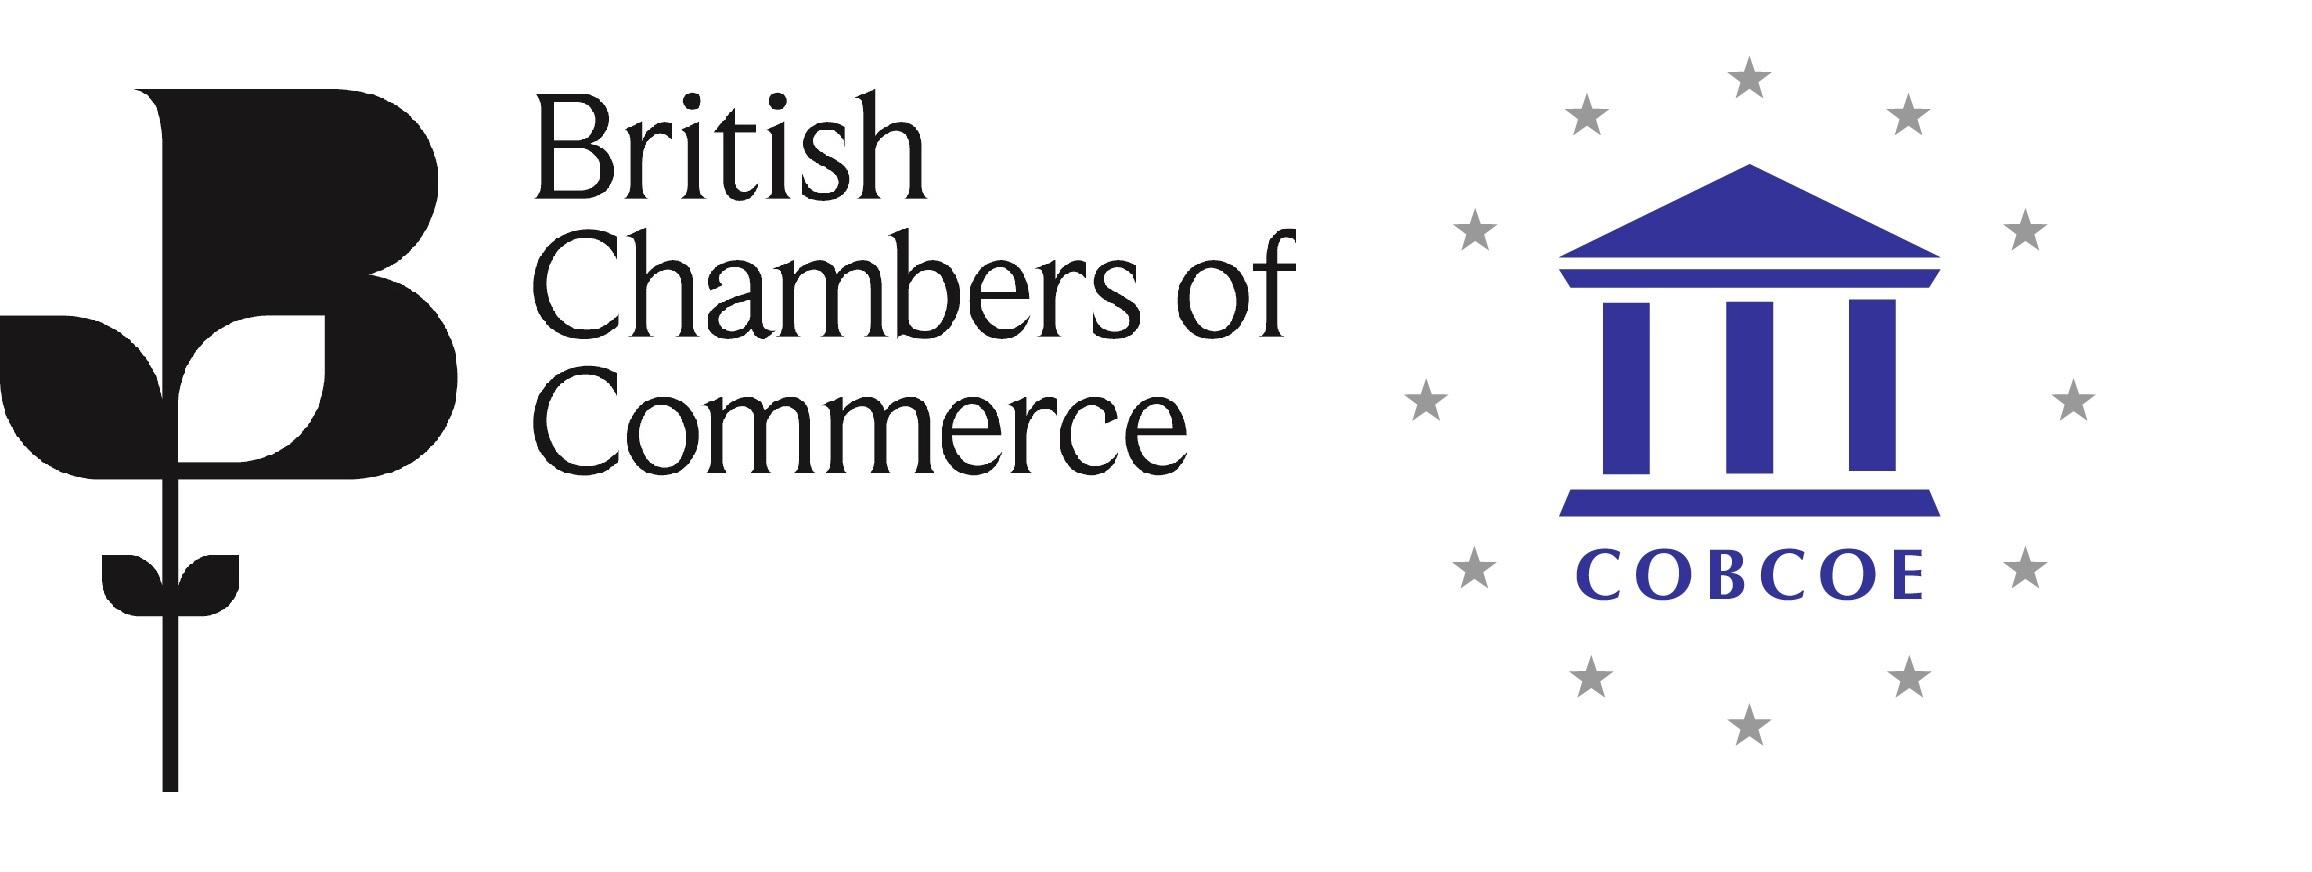 http://research.britishchambers.org.uk/survey/selfserve/215e/logo_787d967a91168d641cde1a1567df3bac.jpg